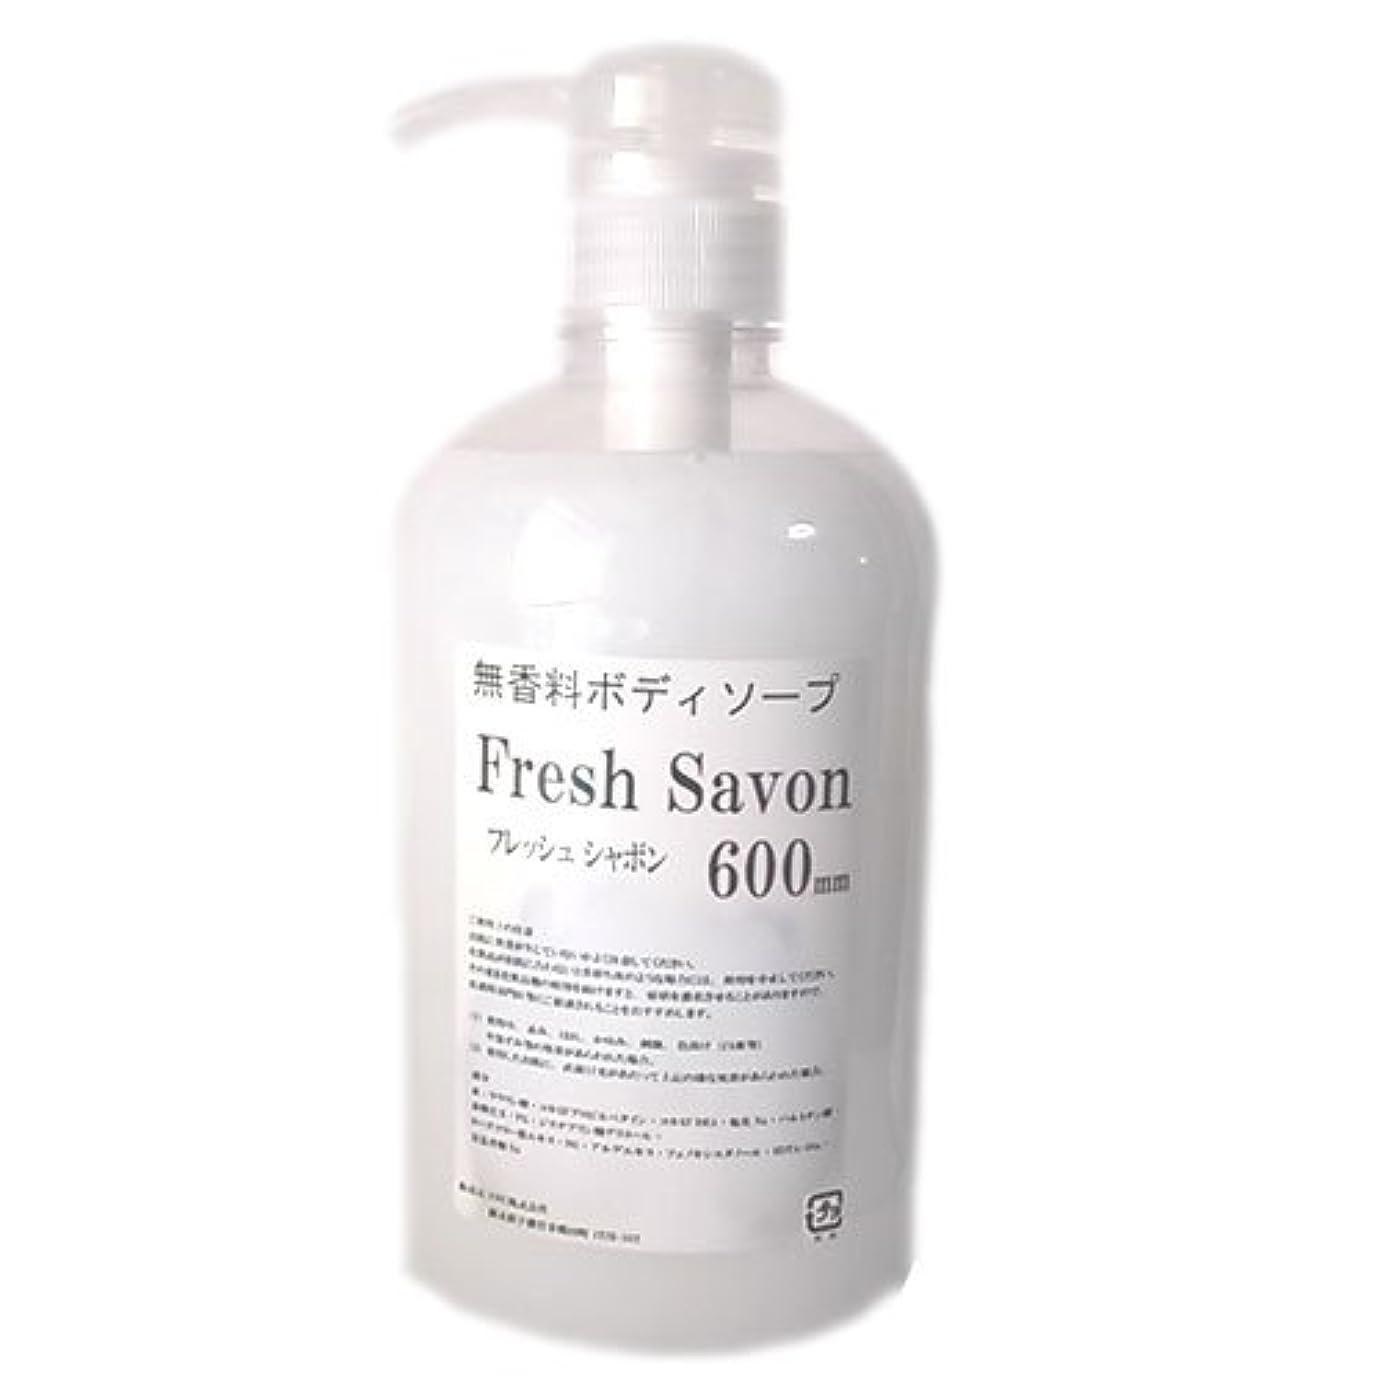 ヘルパー腹部塩無香料ボディソープ フレッシュシャボン 600mL 香りが残らないタイプ (10本セット)